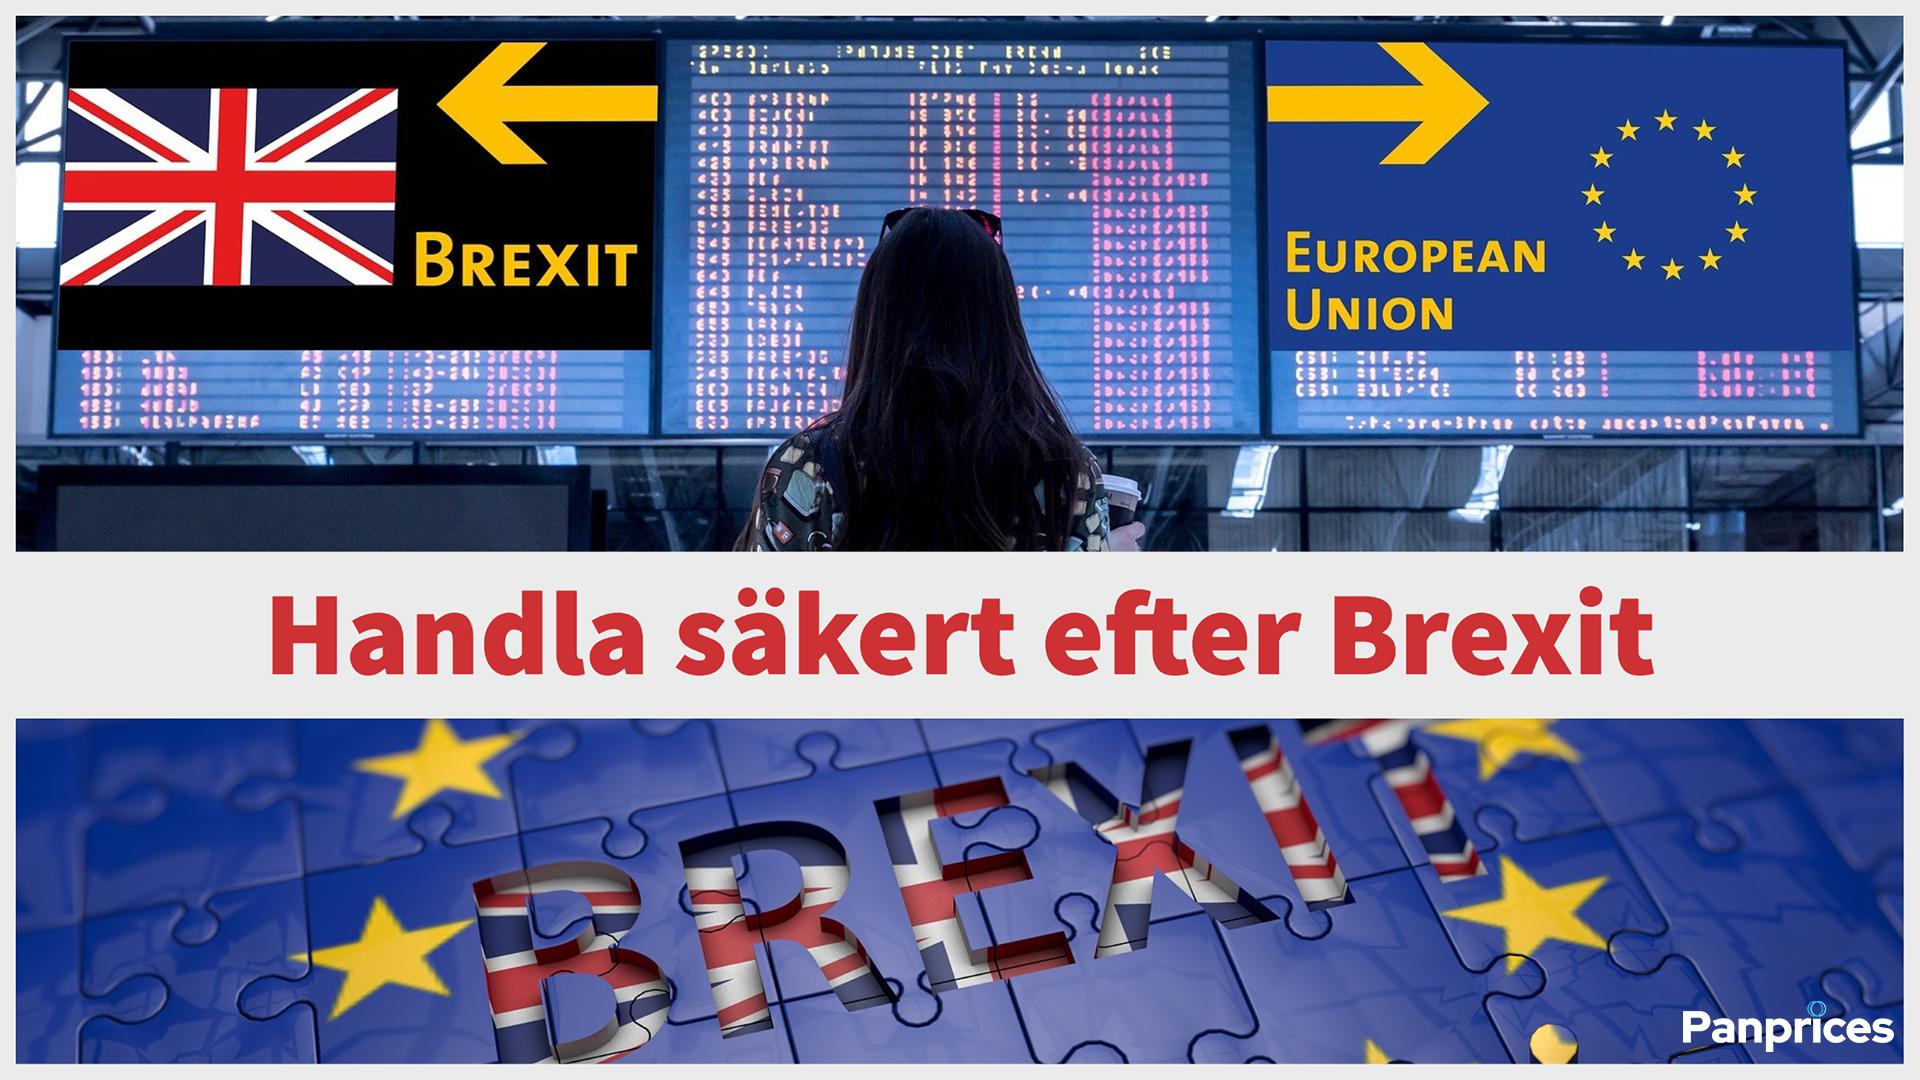 Handla säkert efter Brexit